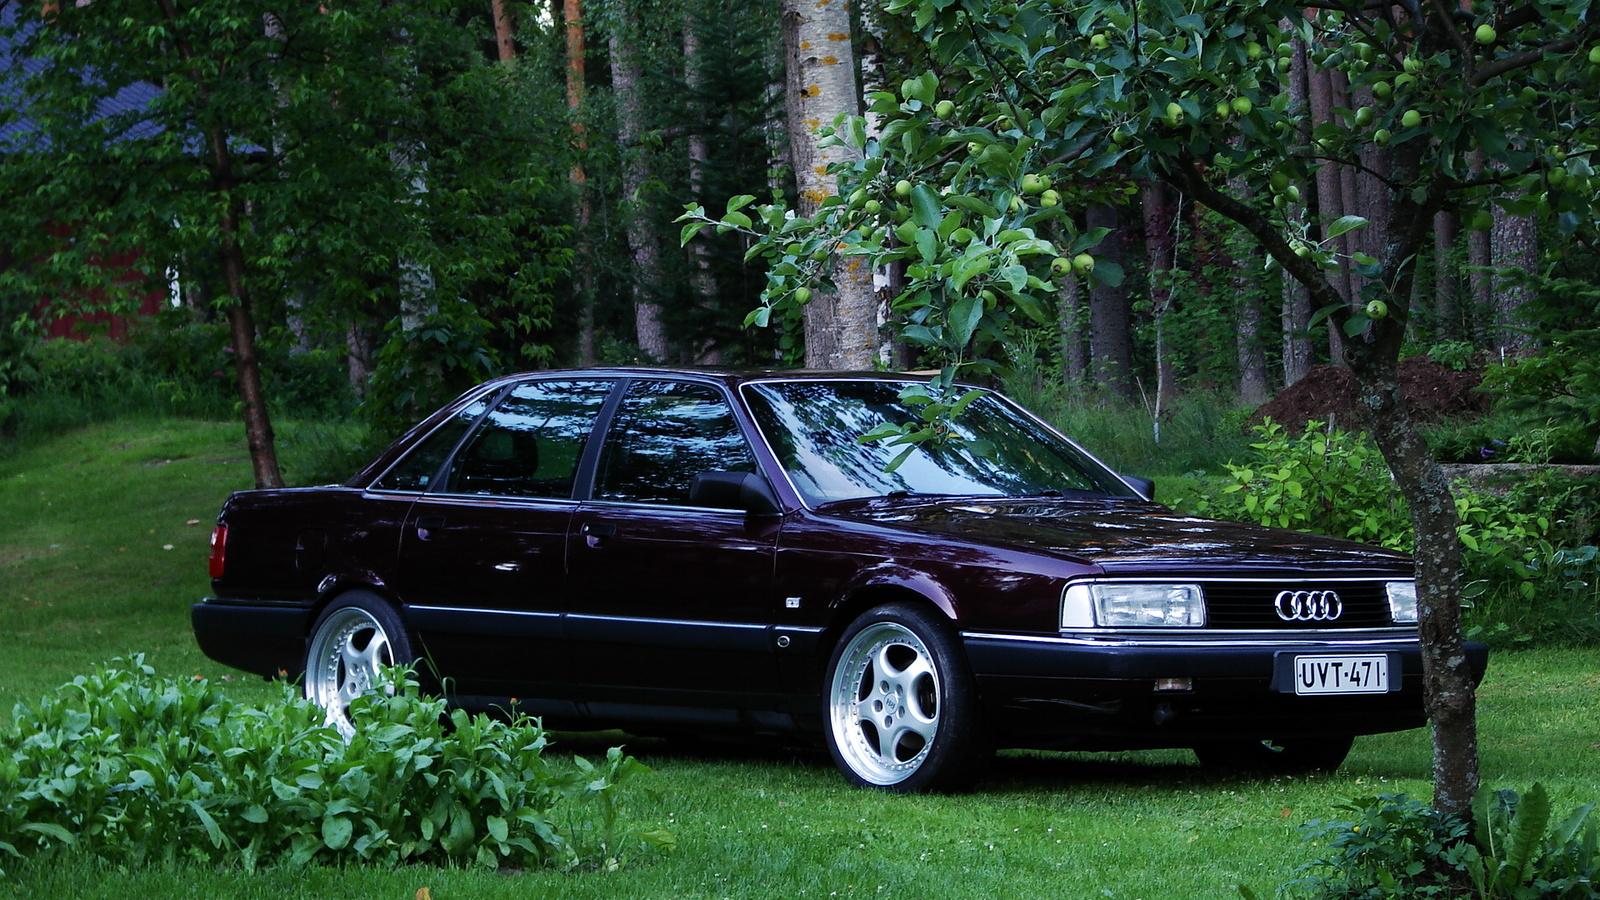 1990 Audi 200 - Pictures - CarGurus